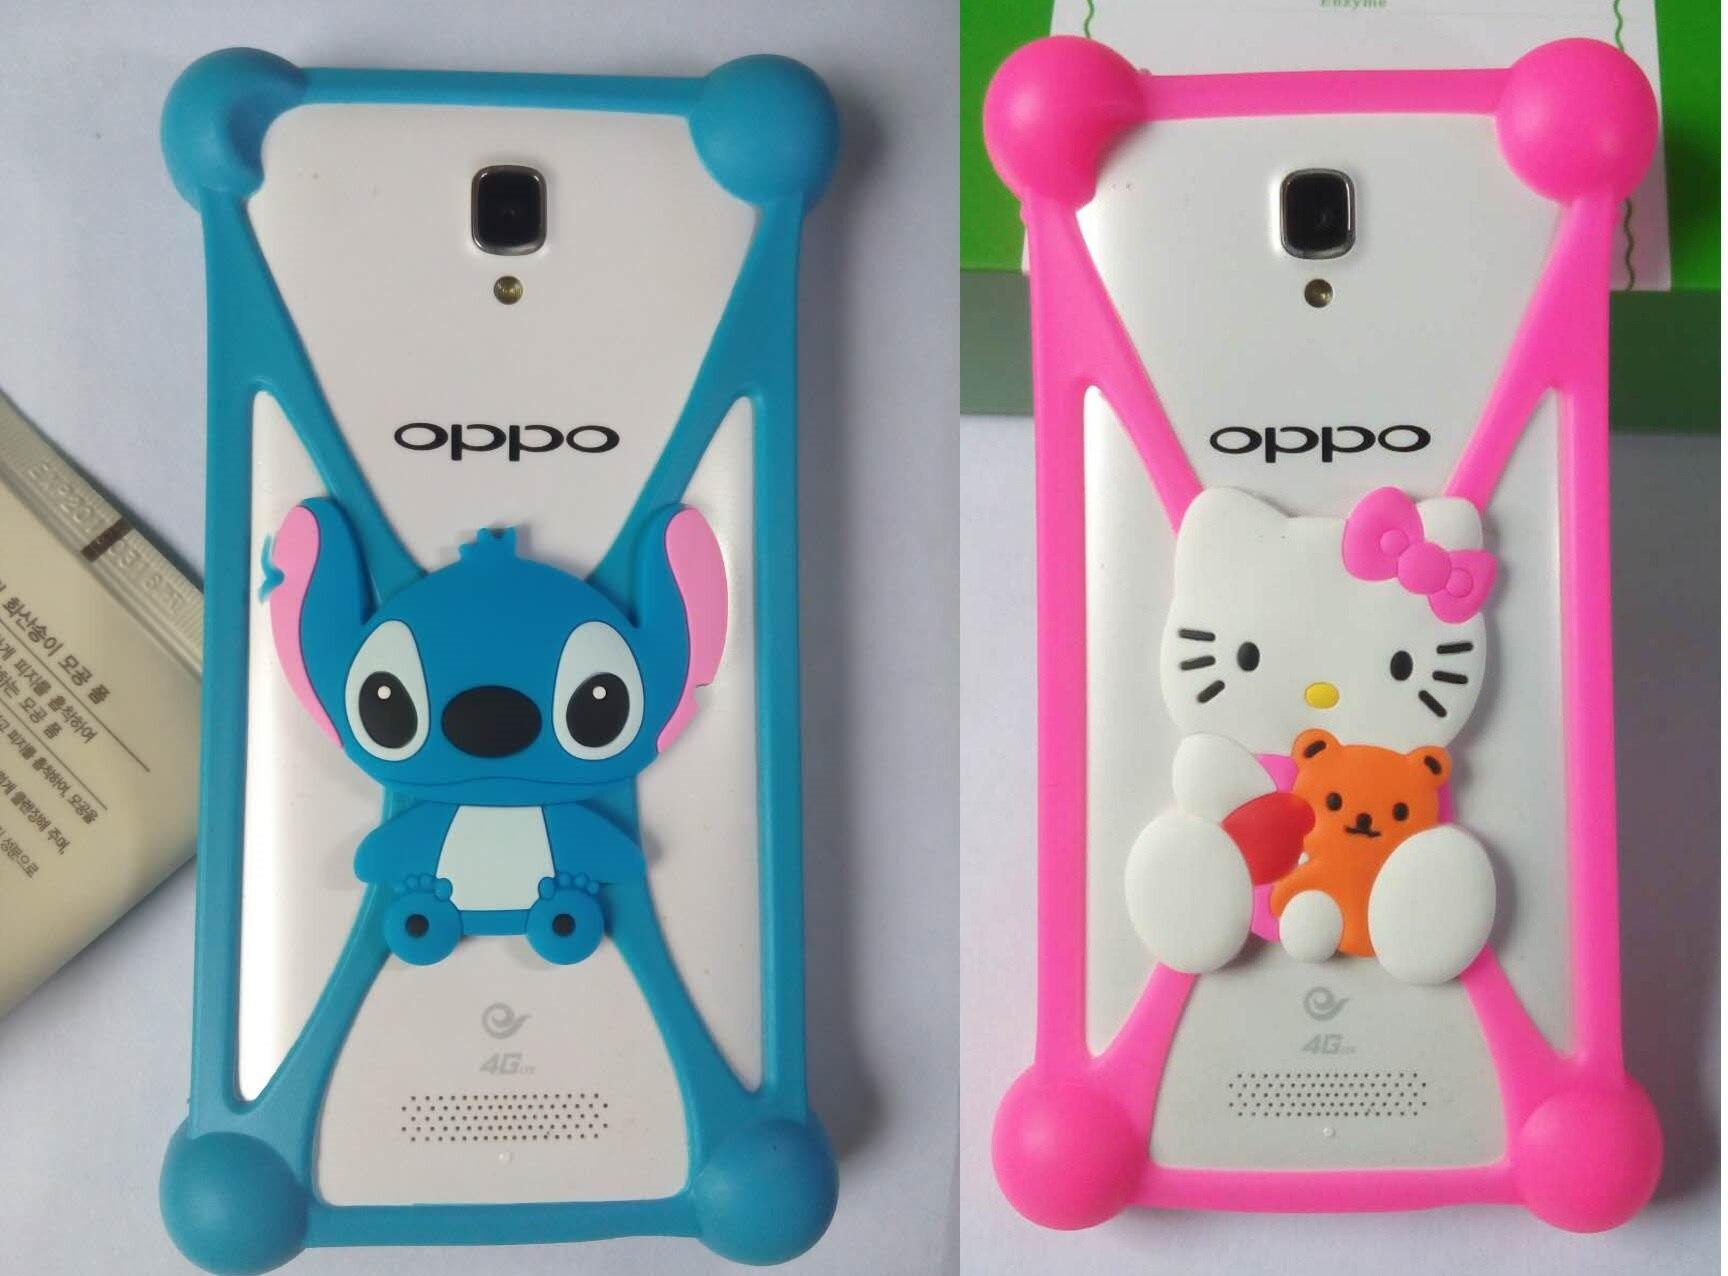 Cellphones & Telecommunications Flip Case For Prestigio Muze A3 C3 A5 Shell Cover For Prestigio Grace Q5 Shell For Prestigio Wize D3 K3 N3 F3 Fashion Leather